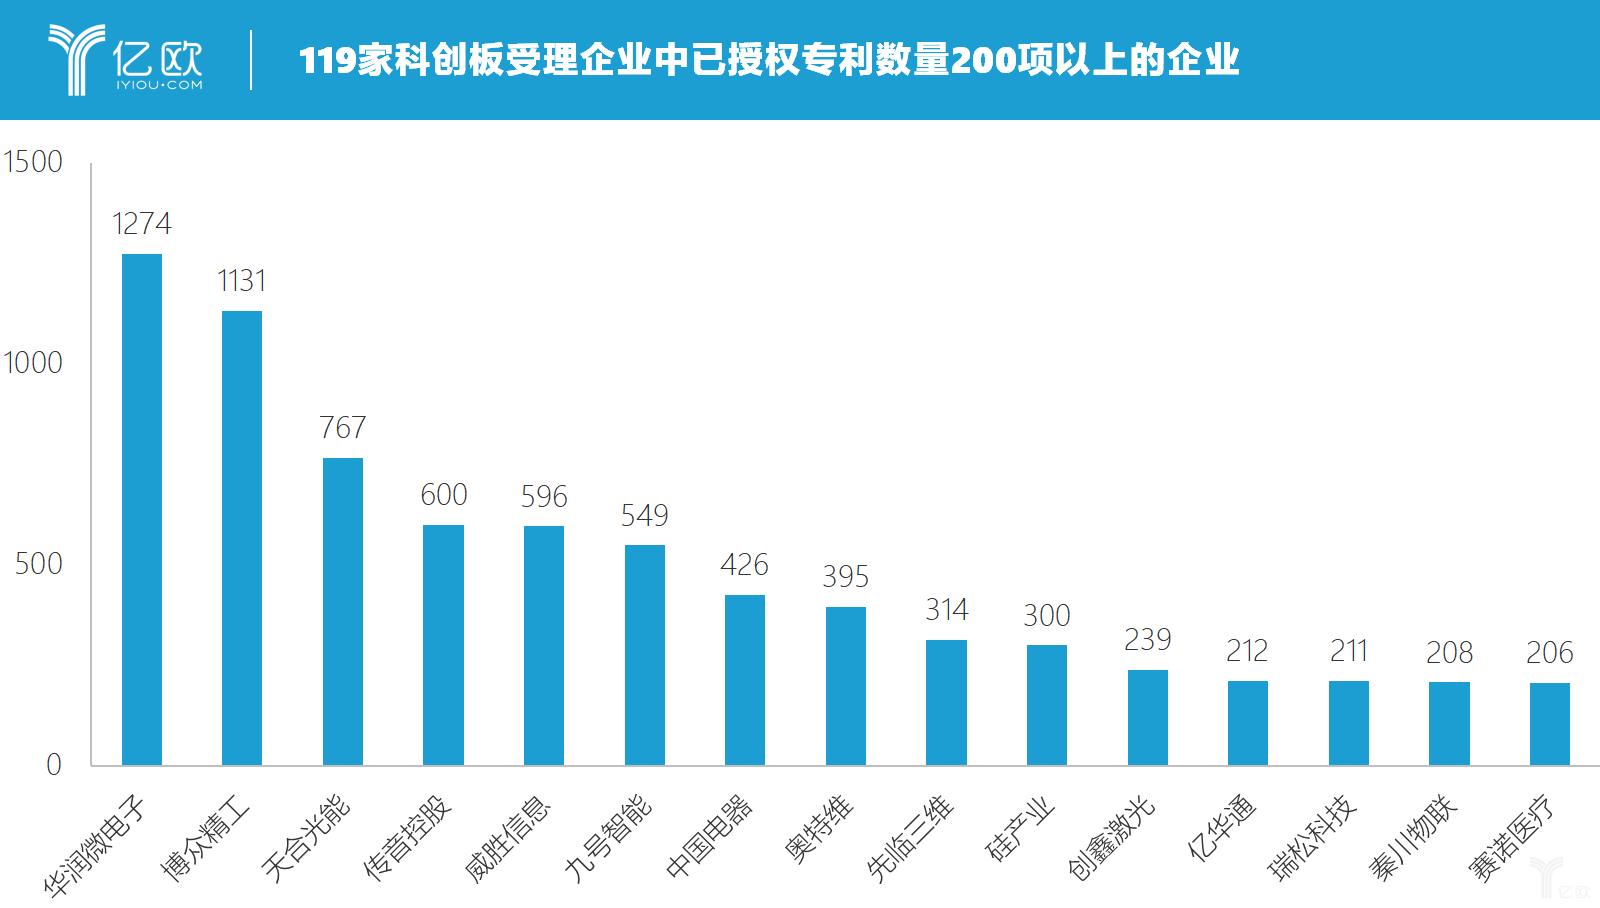 亿欧智库:119家科创板受理企业中已授权专利数量200项以上的企业